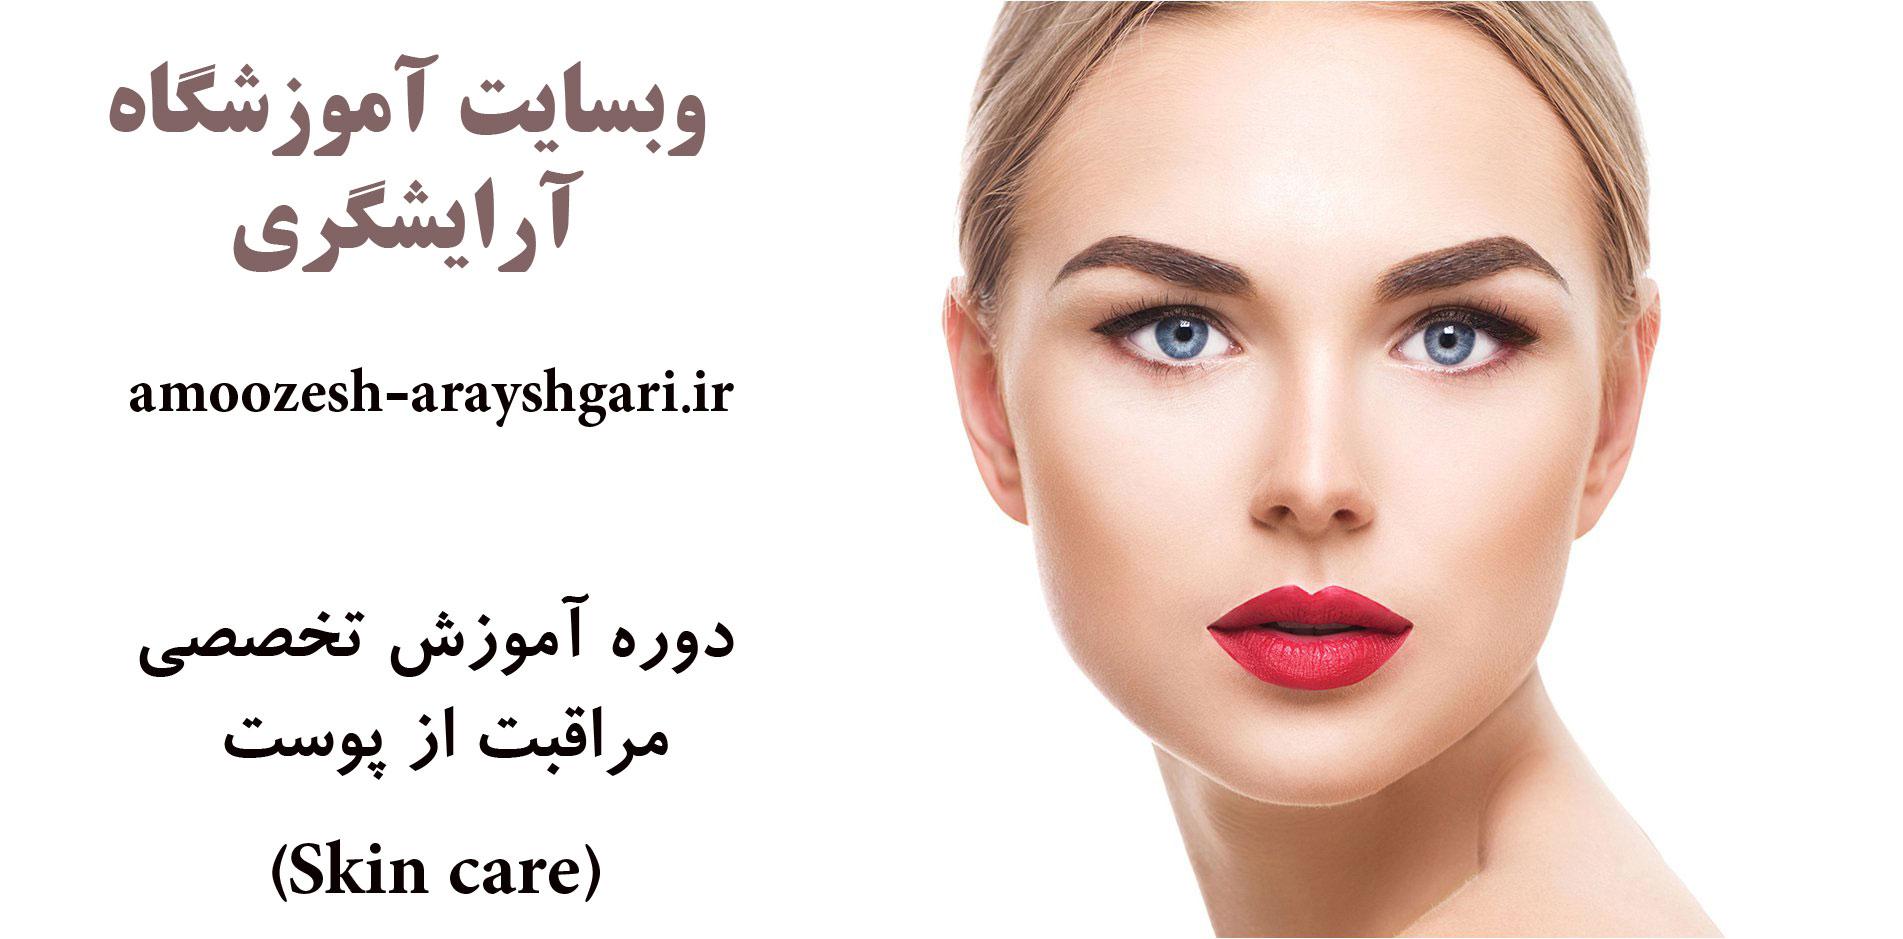 دوره آموزش مراقبت پوست و زیبایی